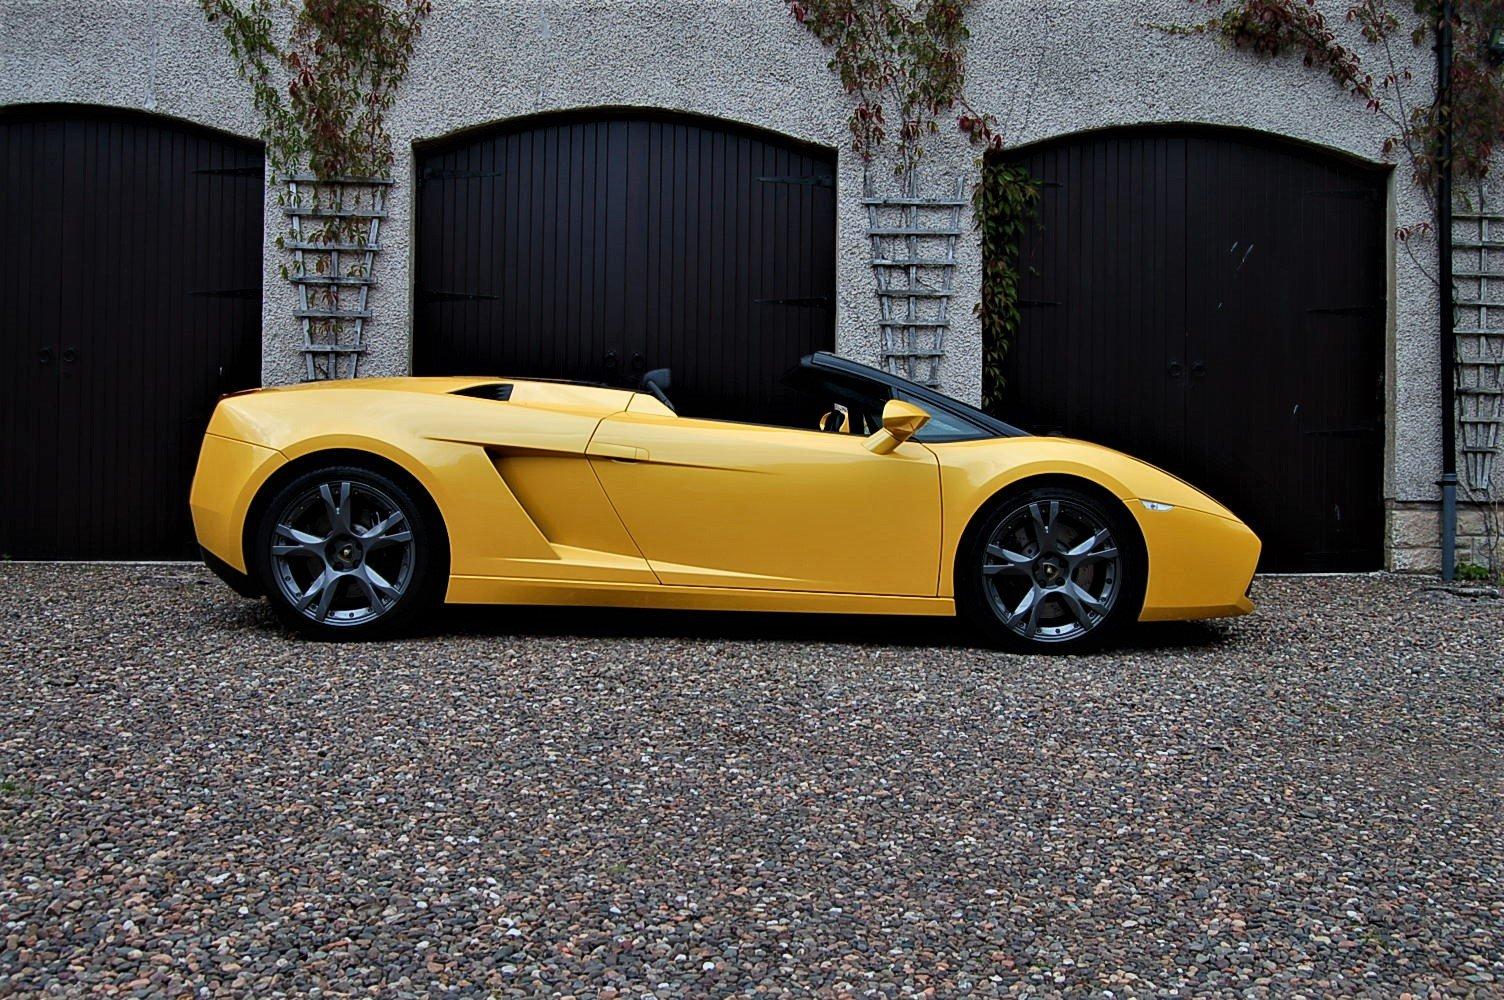 2006 Lamborghini Gallardo Spider Manual For Sale (picture 1 of 6)